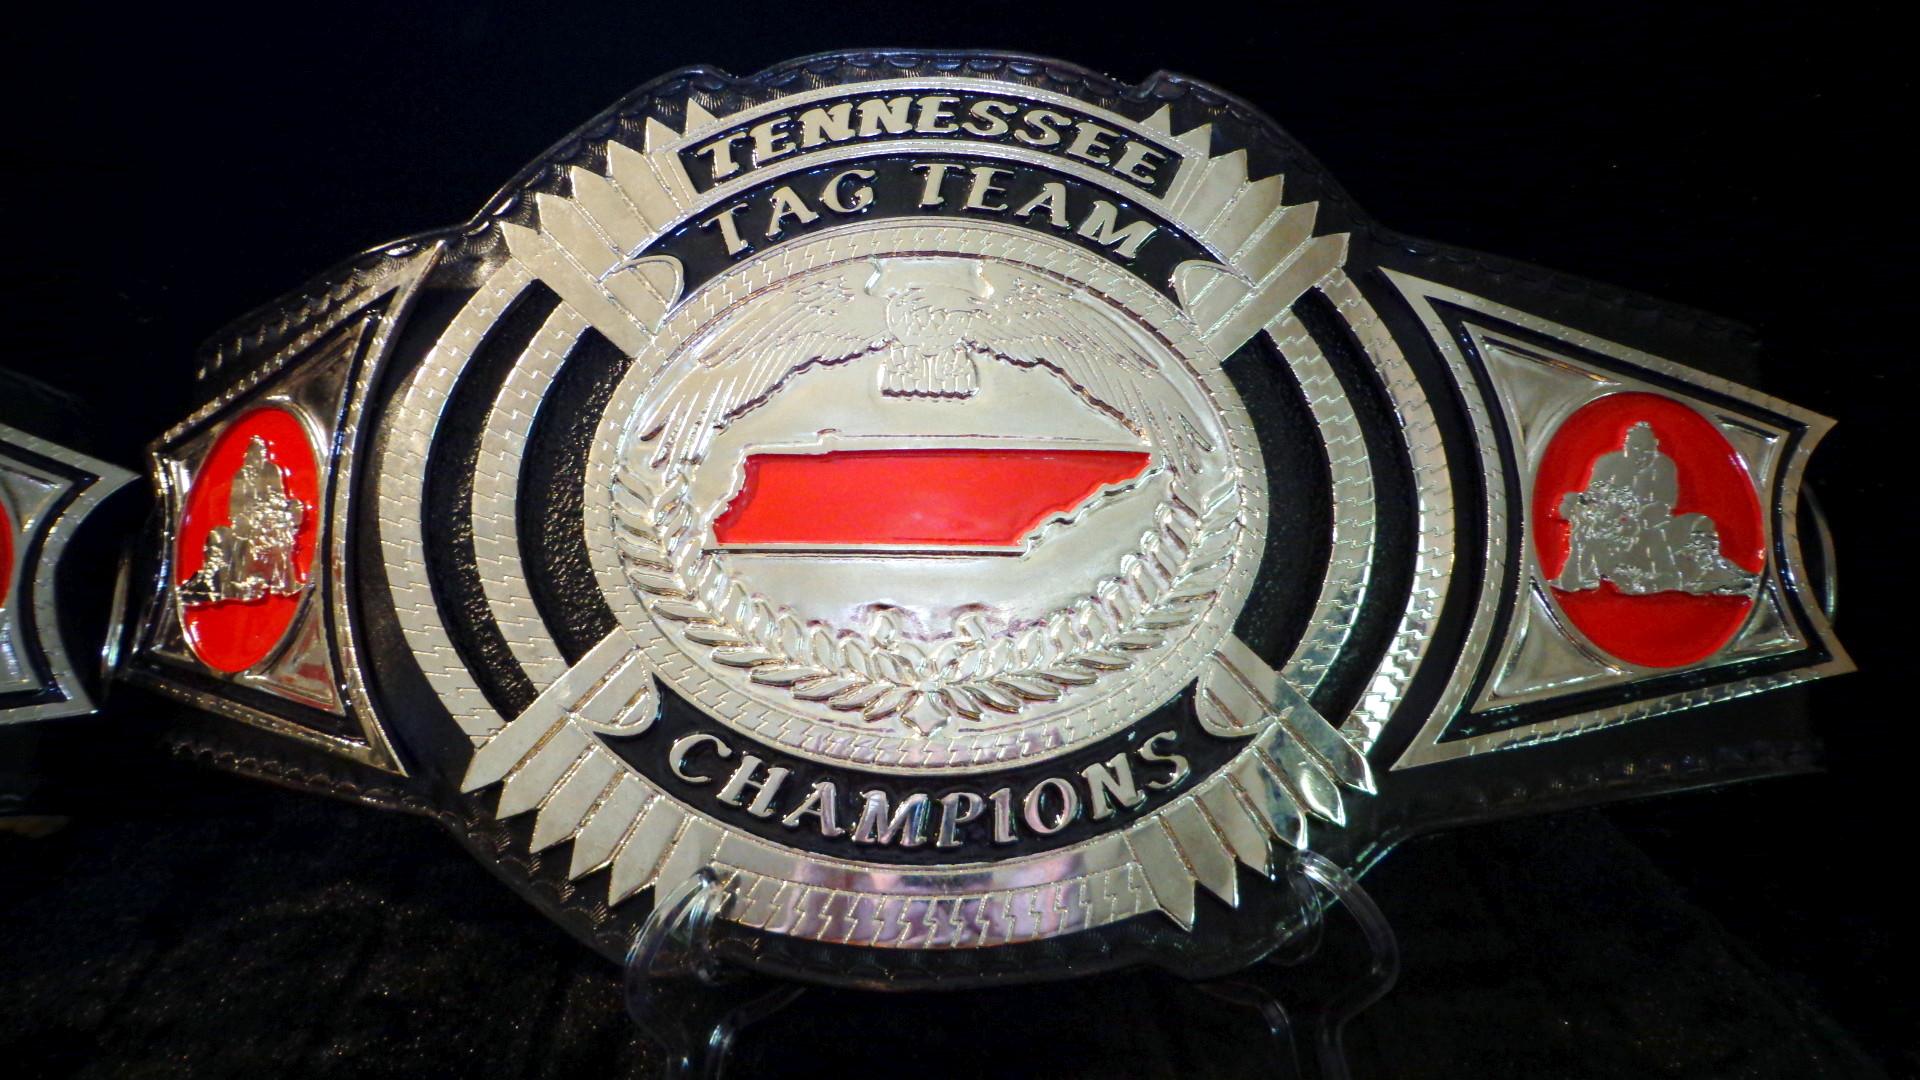 TWA TN TAG TEAM CHAMPIONSHIP